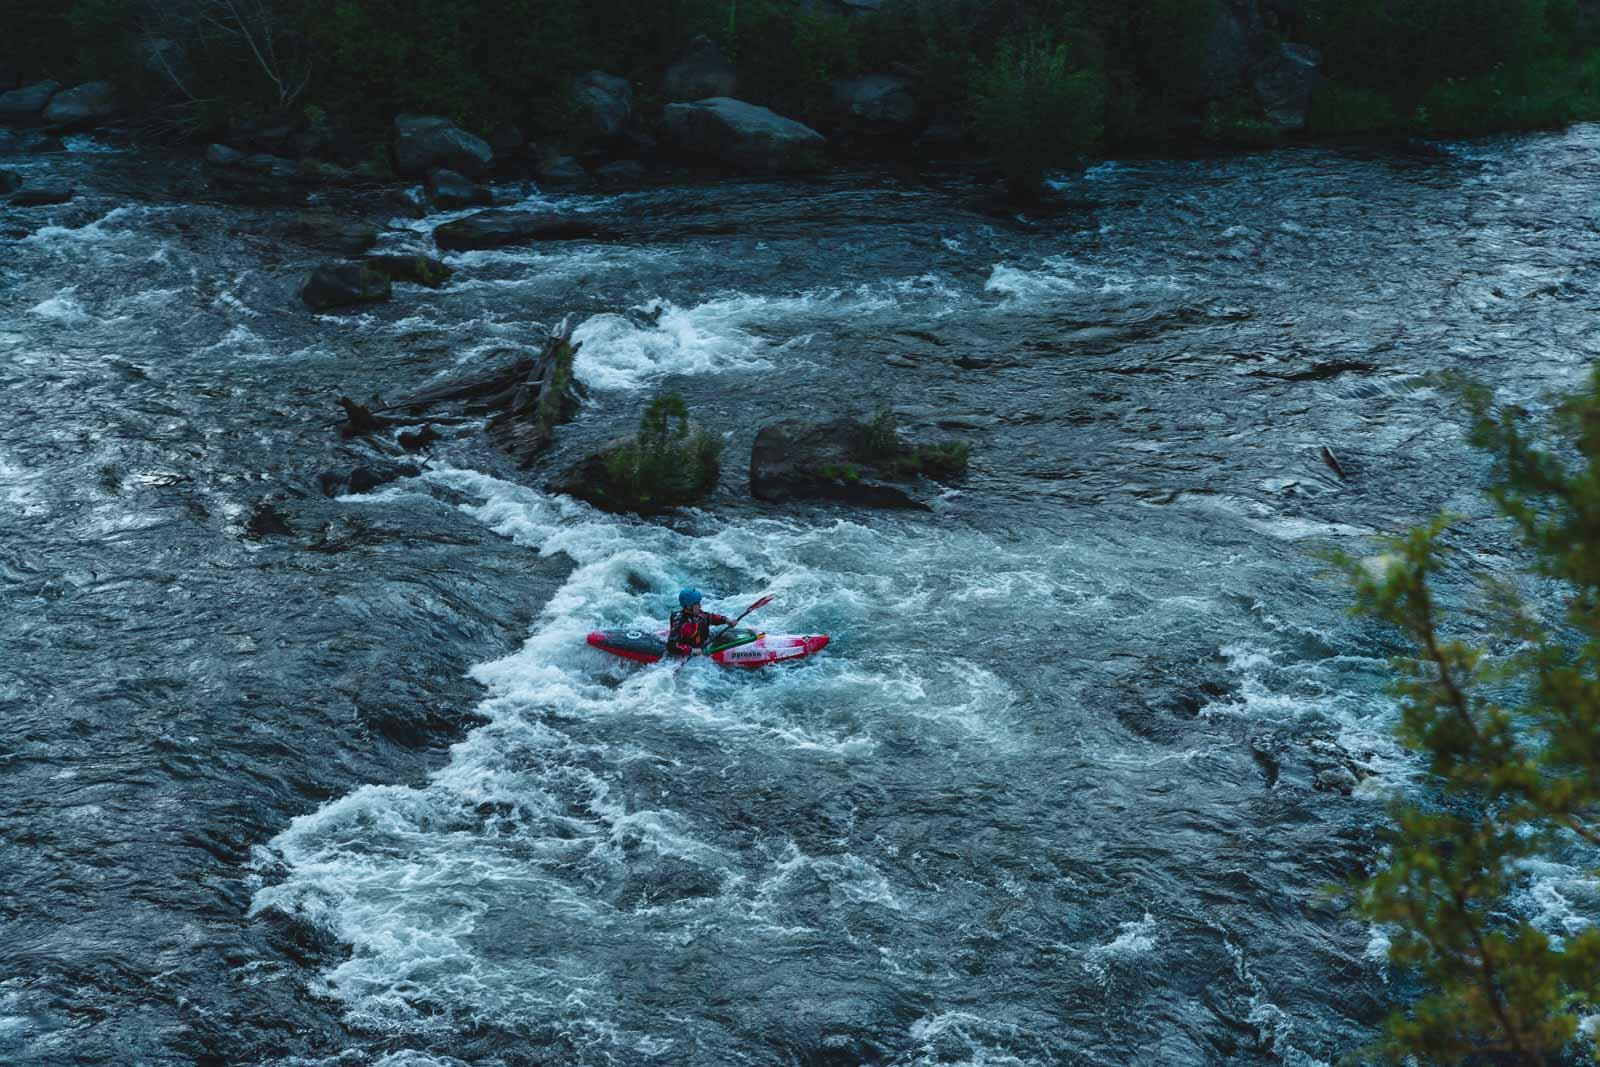 Deschutes River kayker